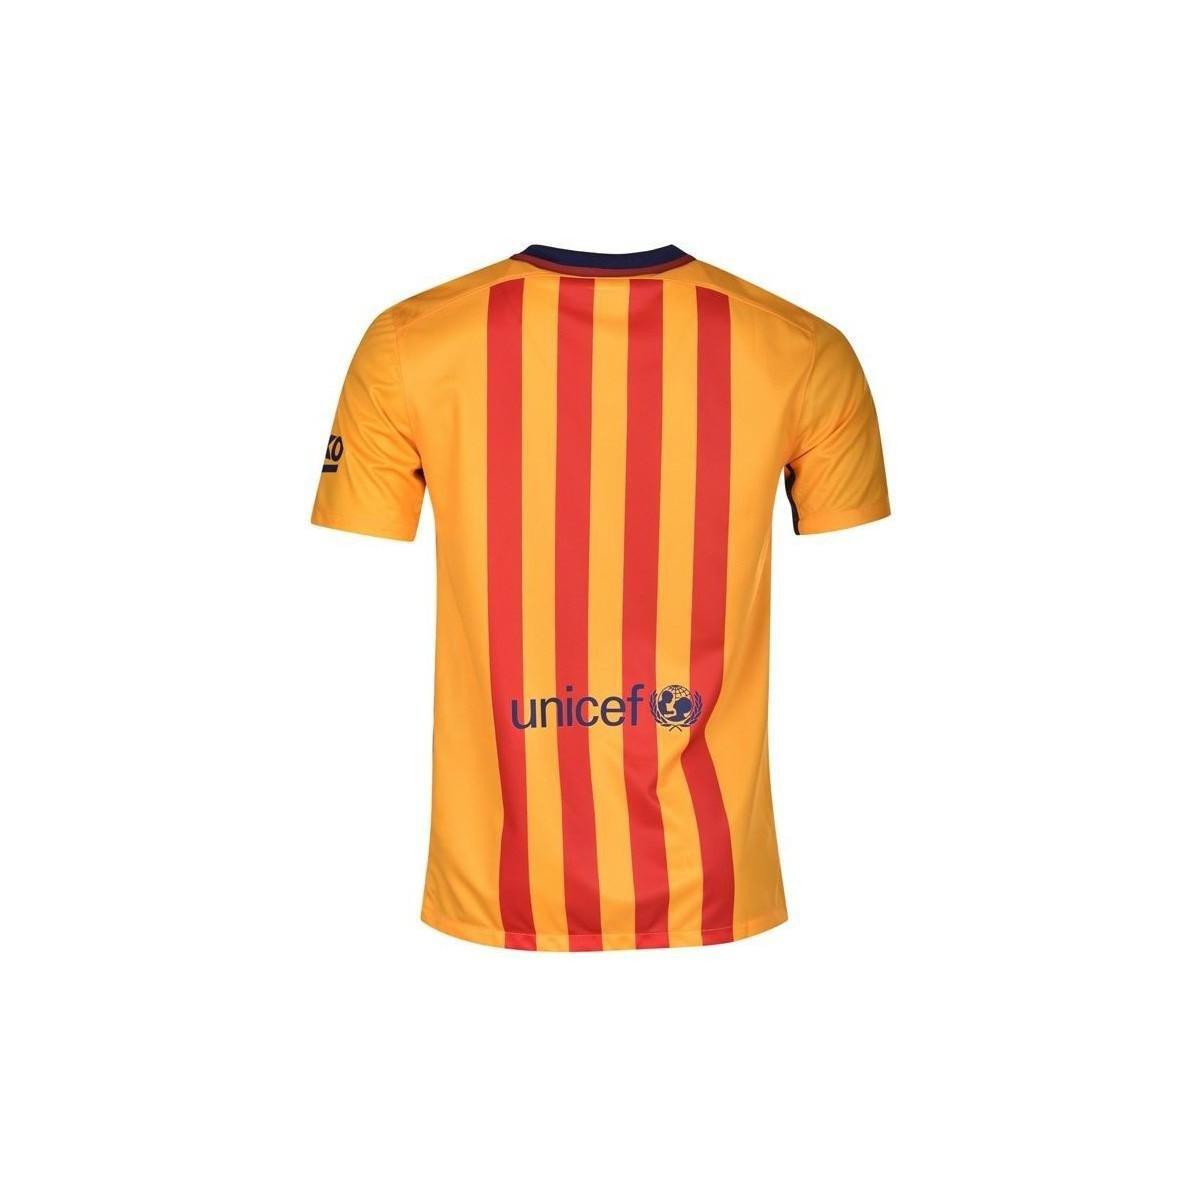 f1e2a1b1b73 Nike 2015-16 Barcelona Away Shirt (messi 10) - Kids Men s T Shirt In ...